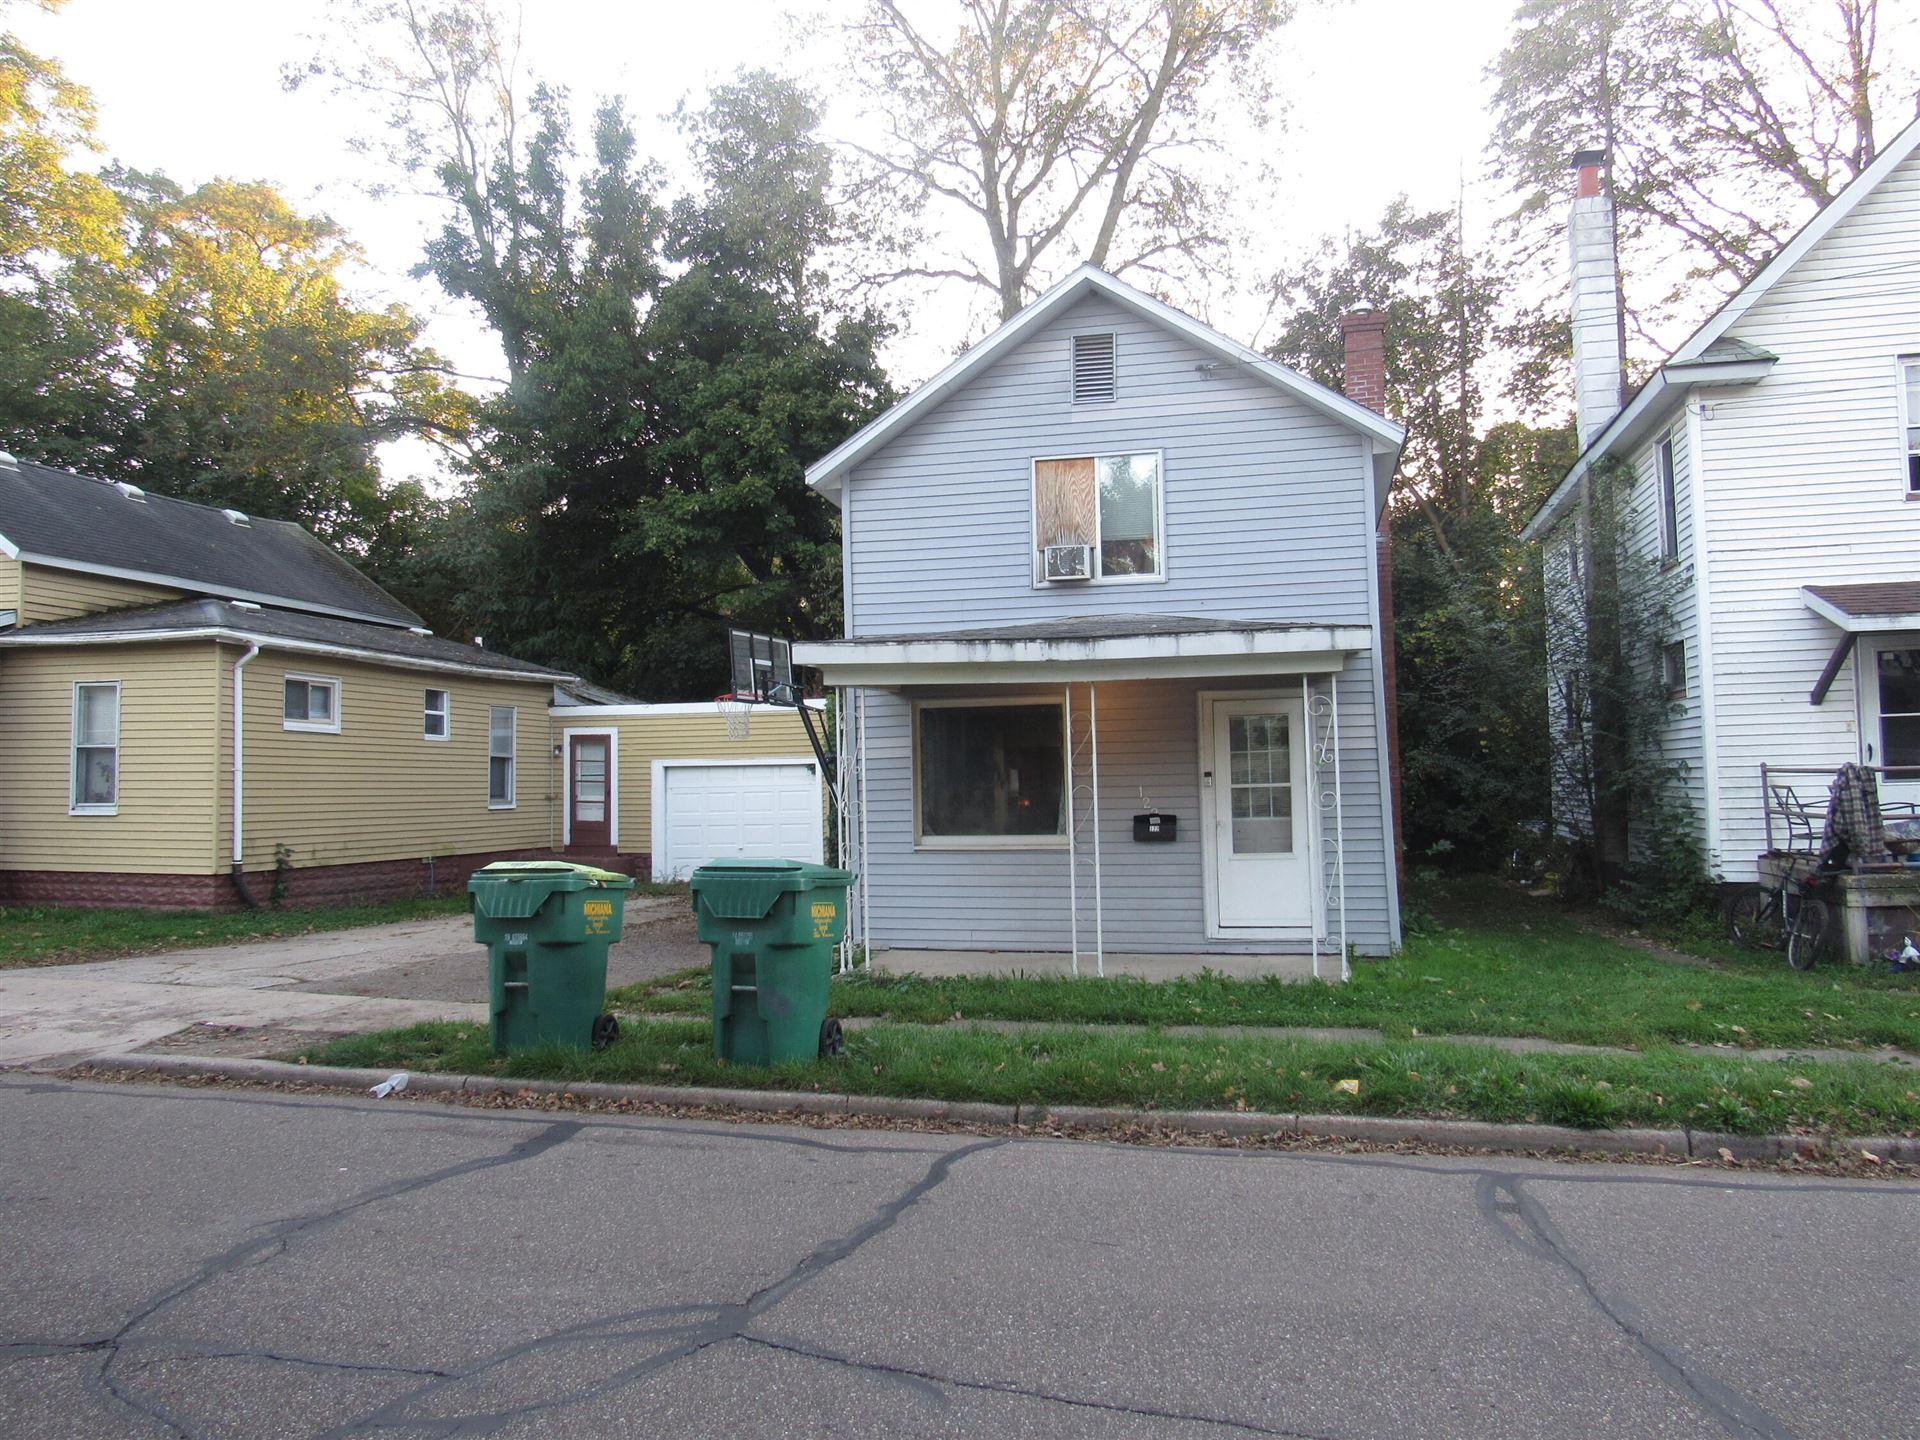 122 S 5th Street, Niles, MI 49120 - MLS#: 21111454